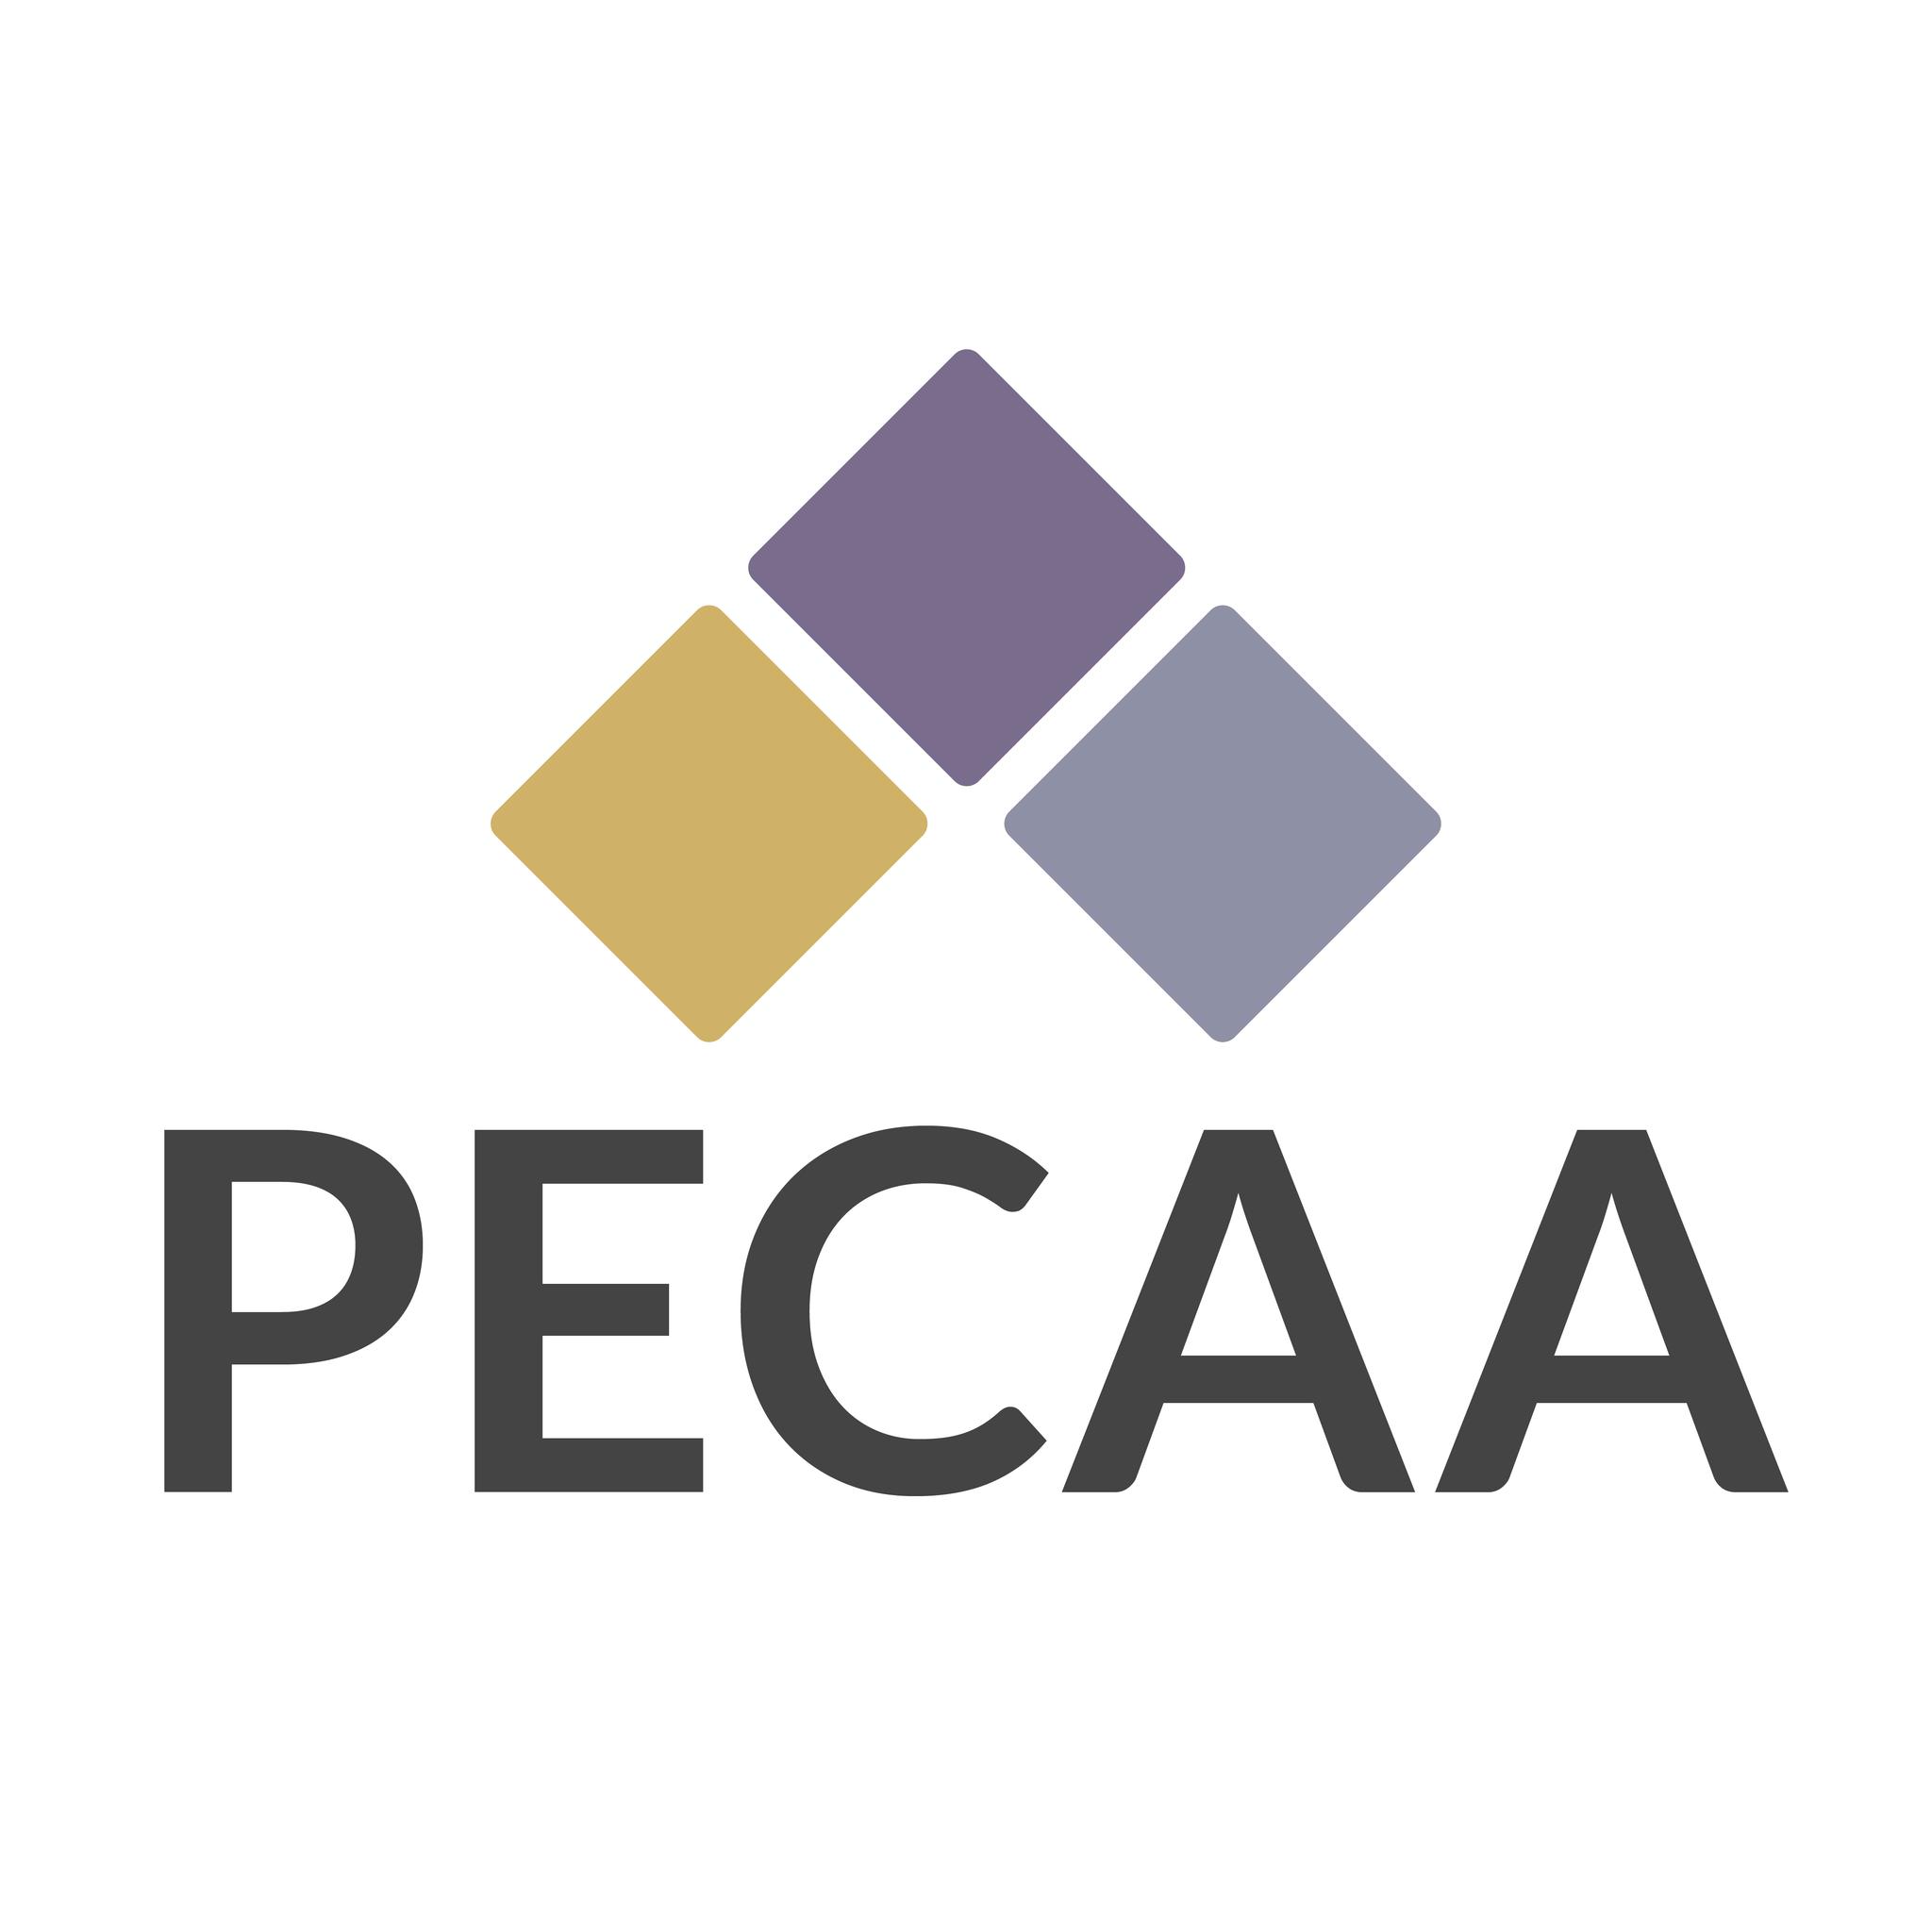 PECAA logo